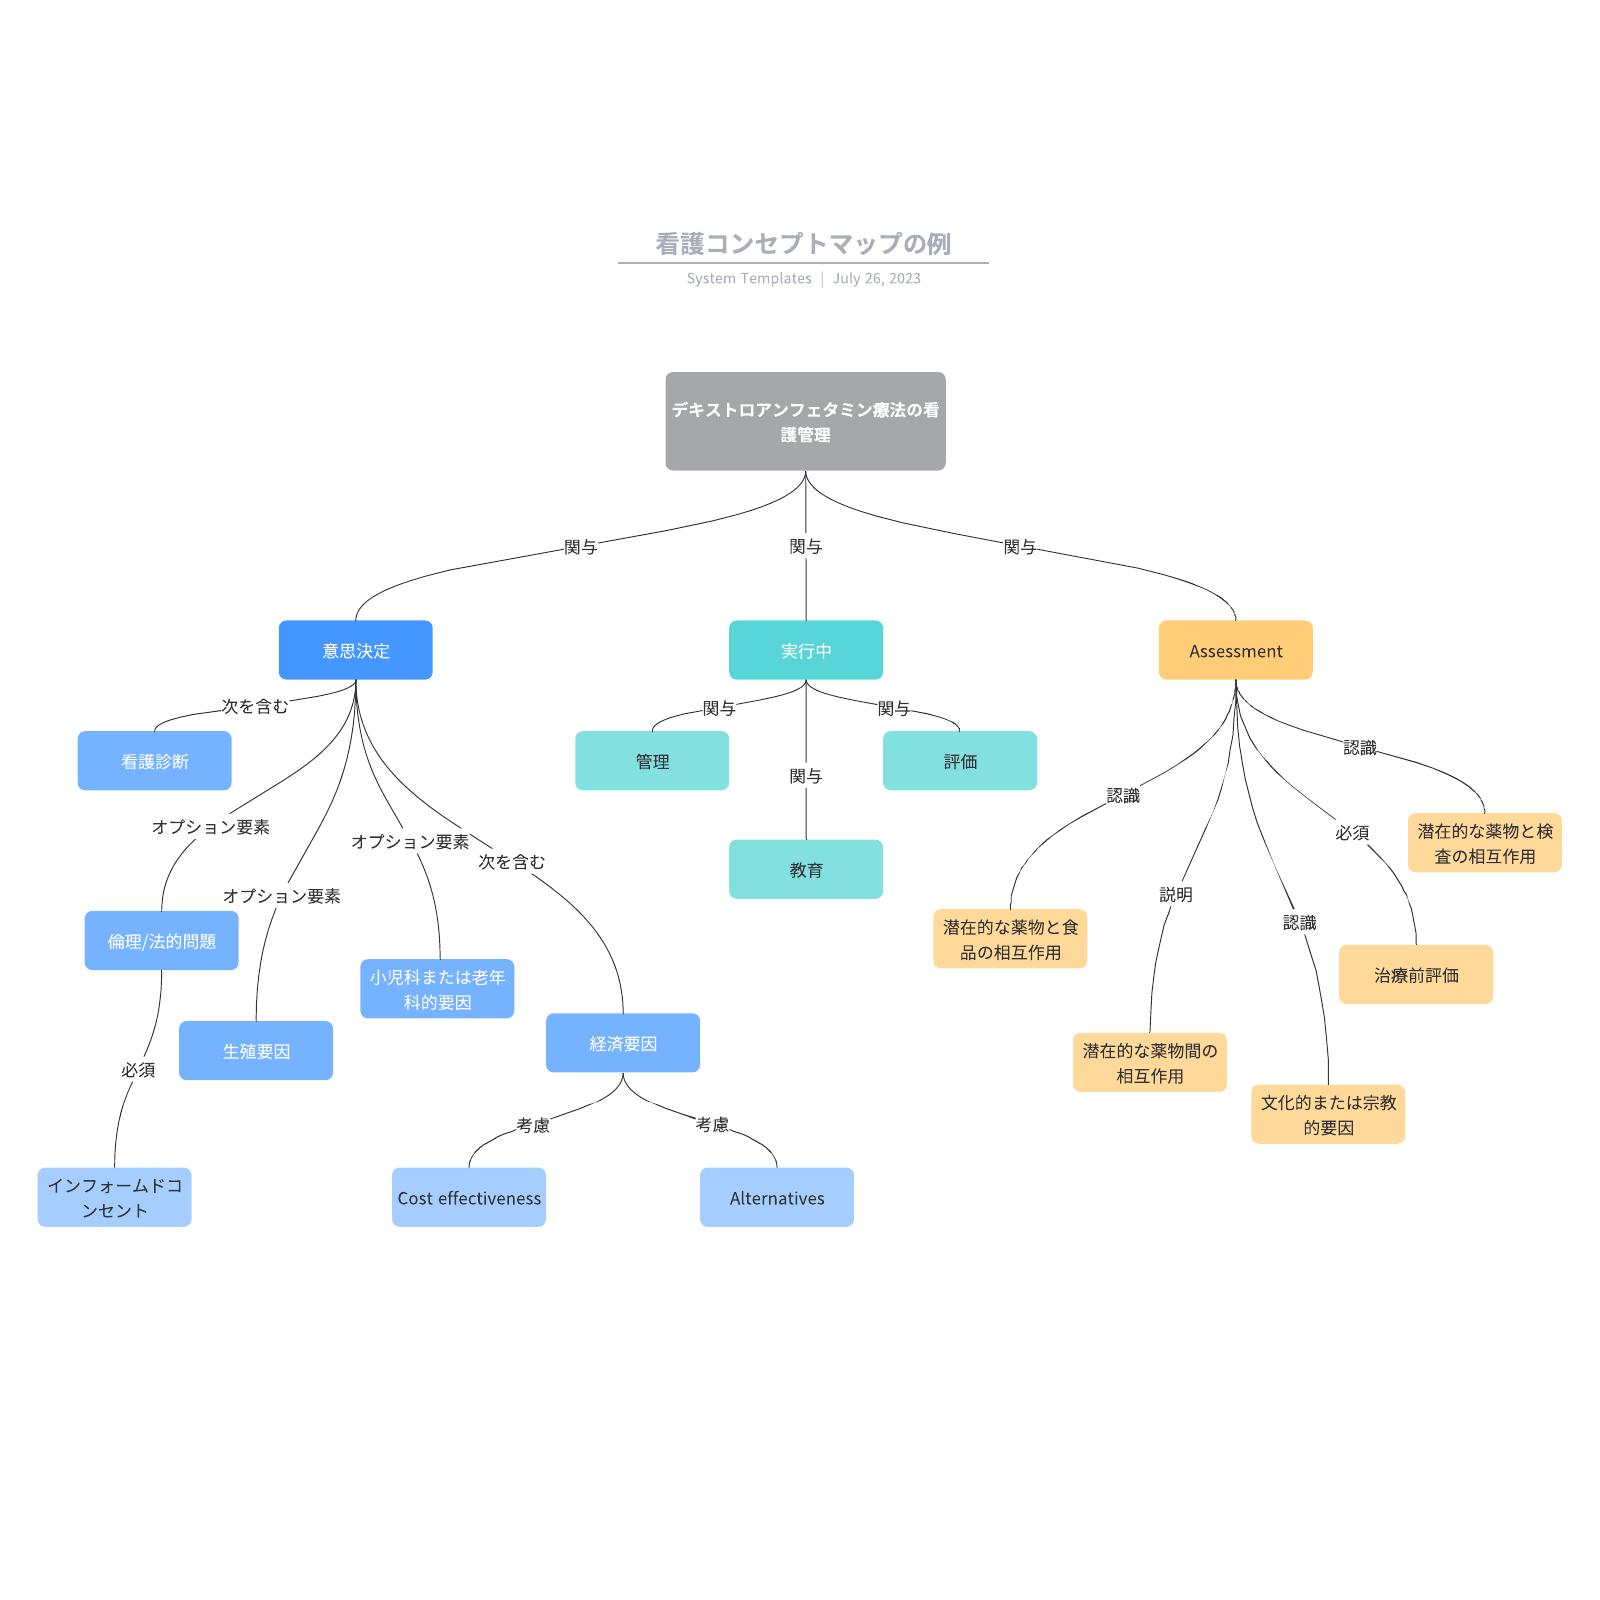 医療でも使えるコンセプトマップの例テンプレート